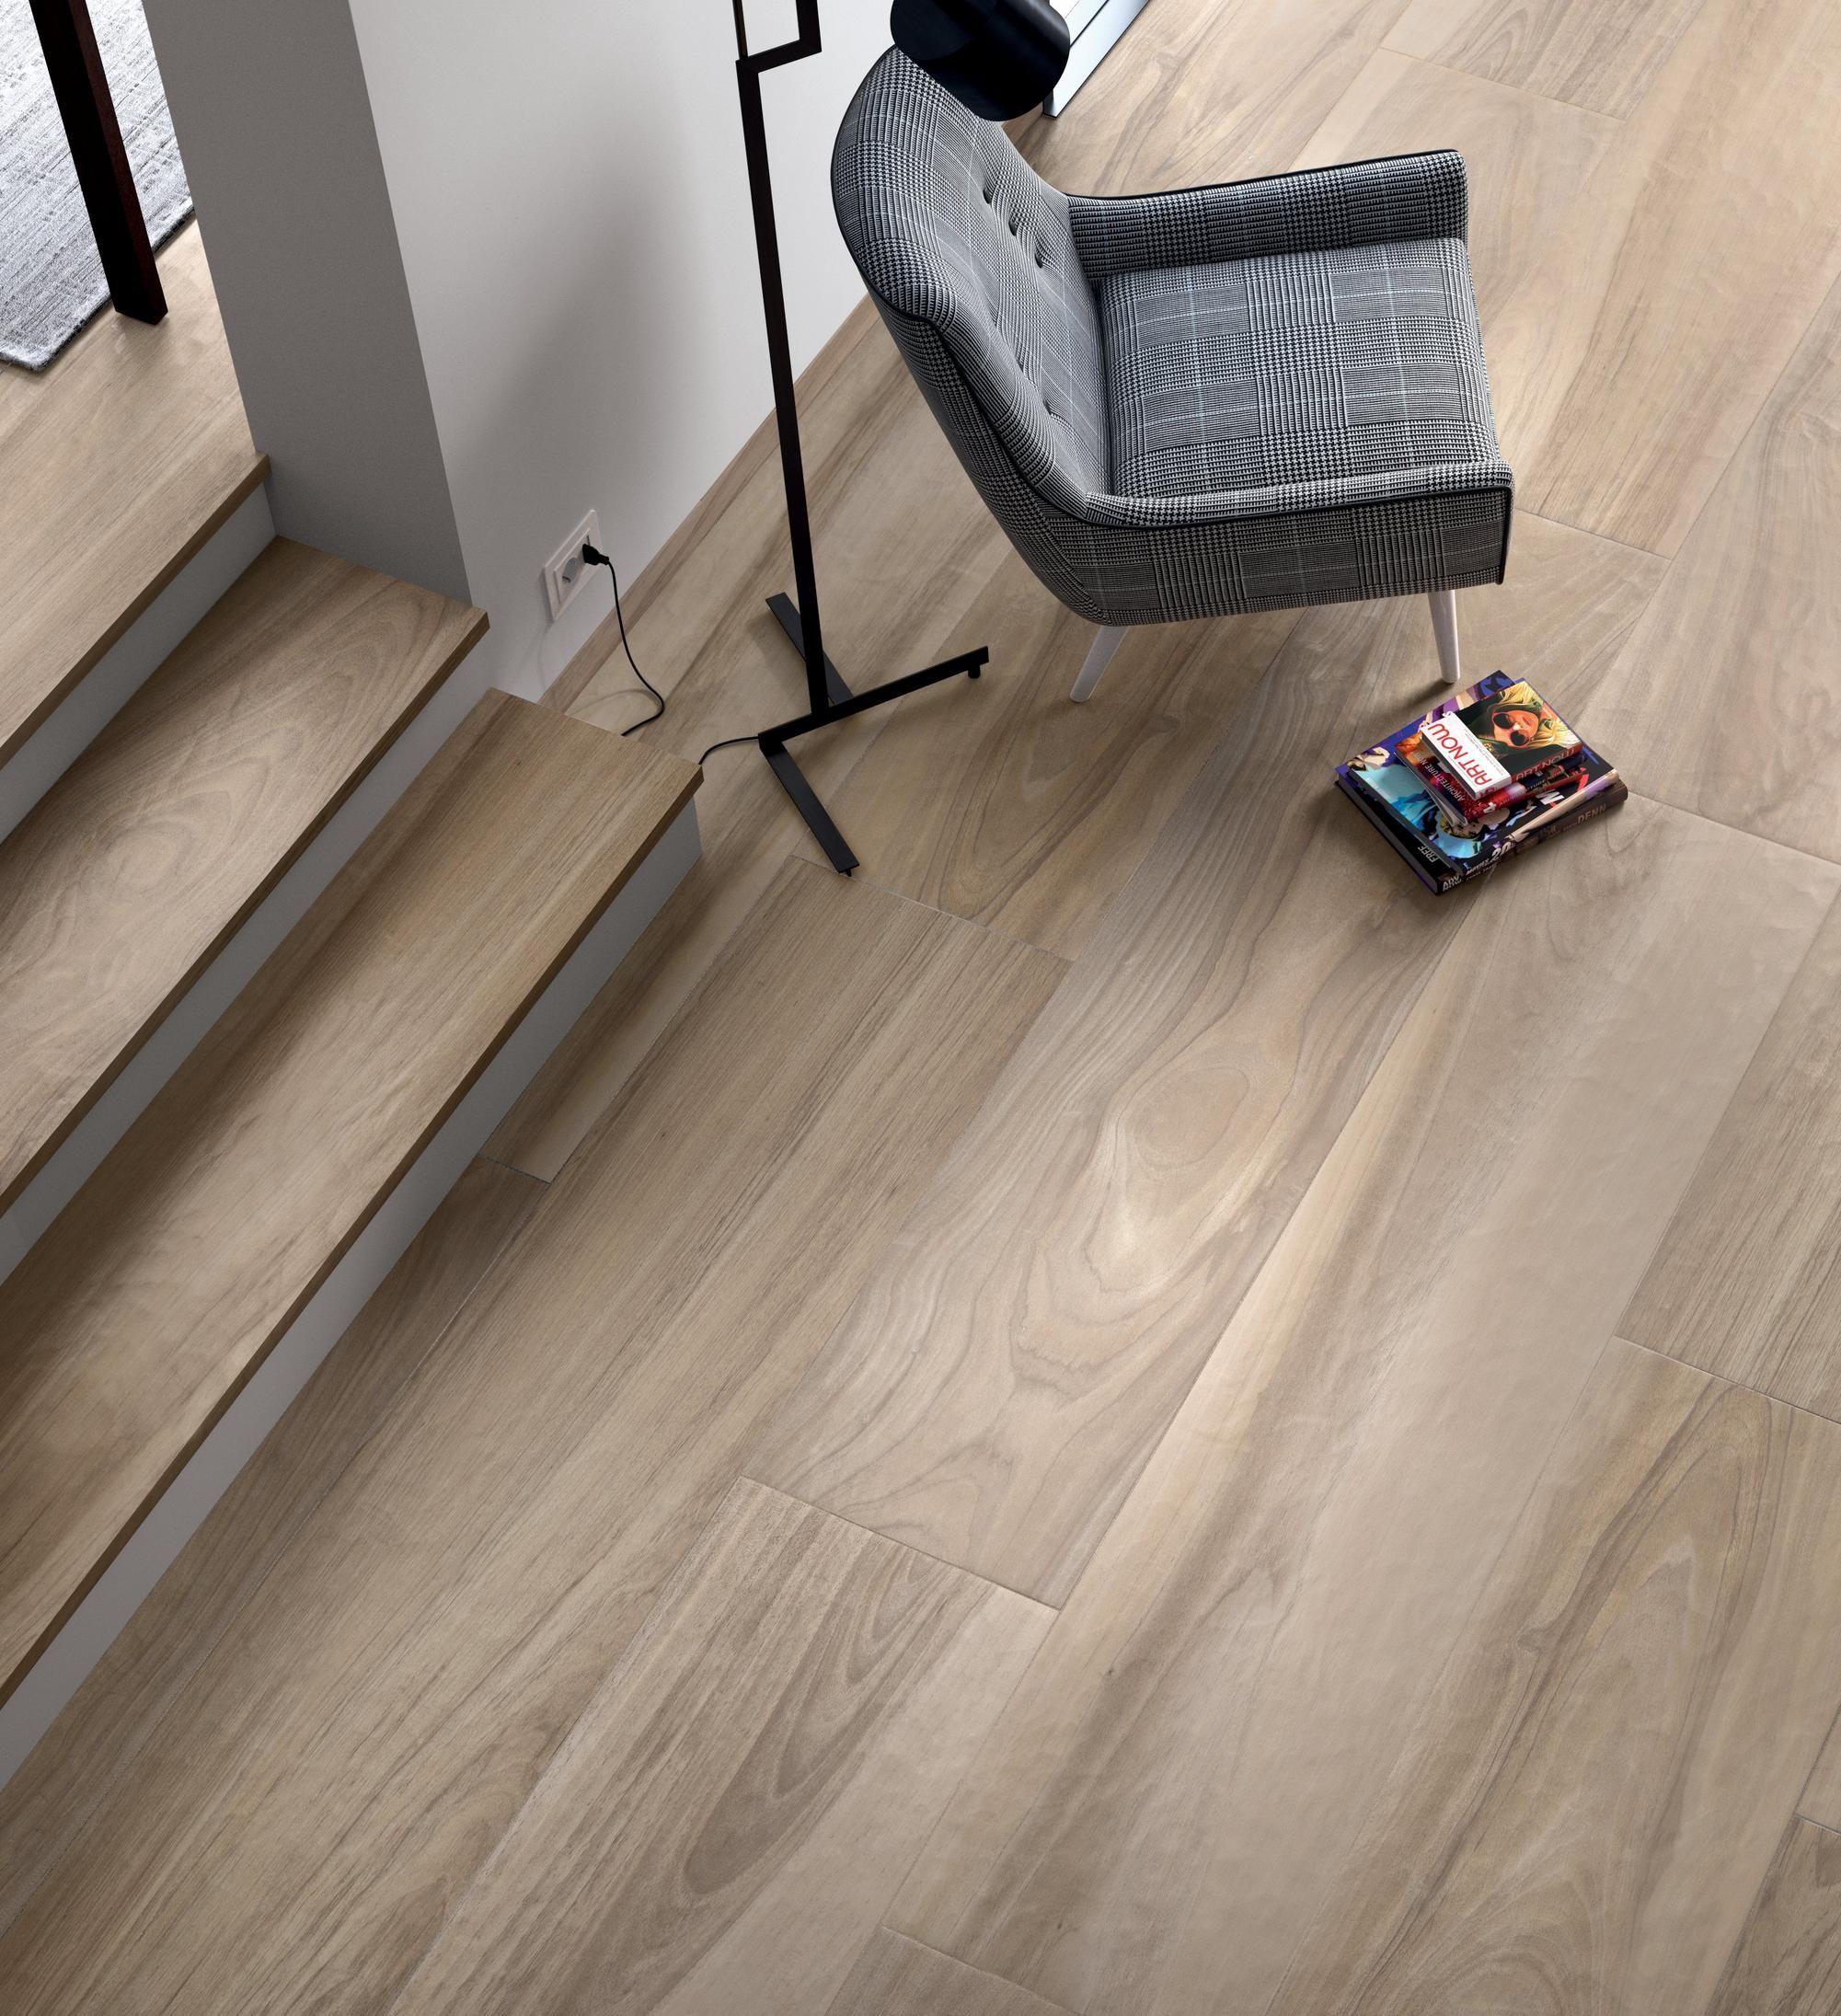 Aspen Natural Polished Wood Plank Porcelain Tile With Images Wood Polish Wood Planks Porcelain Tile